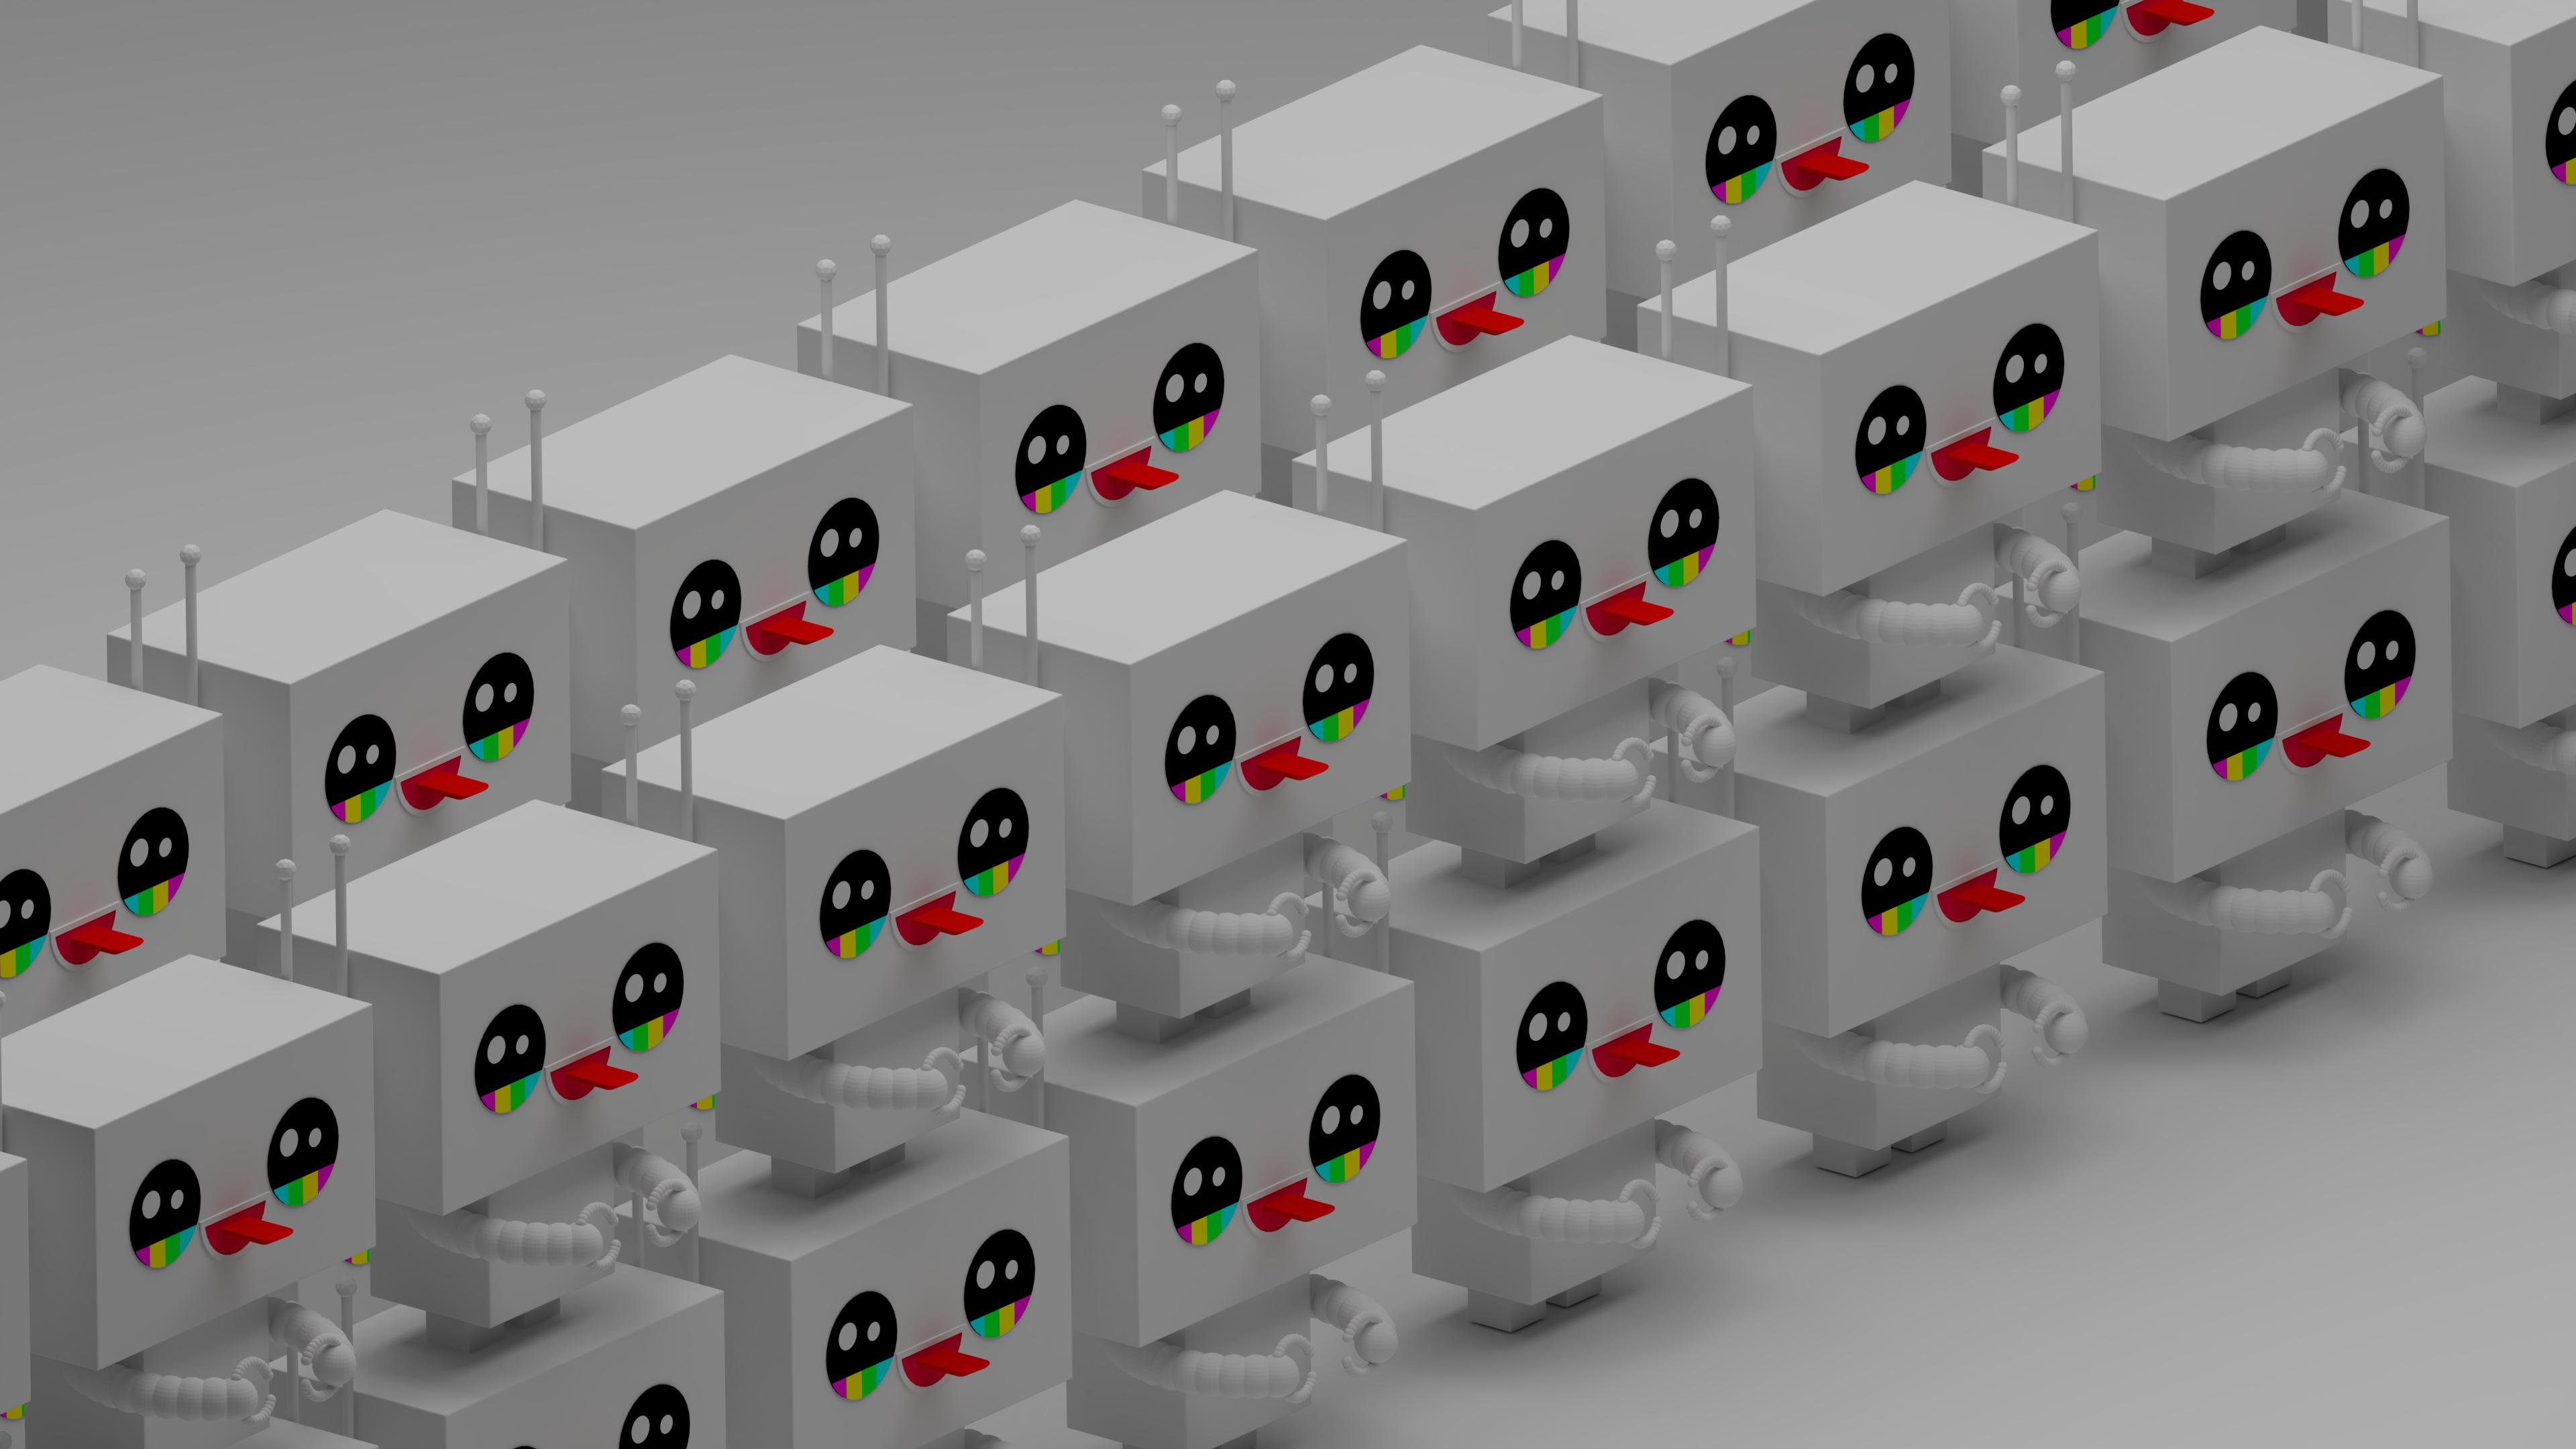 Wallpaper Blender Robot Isometric 3840x2160